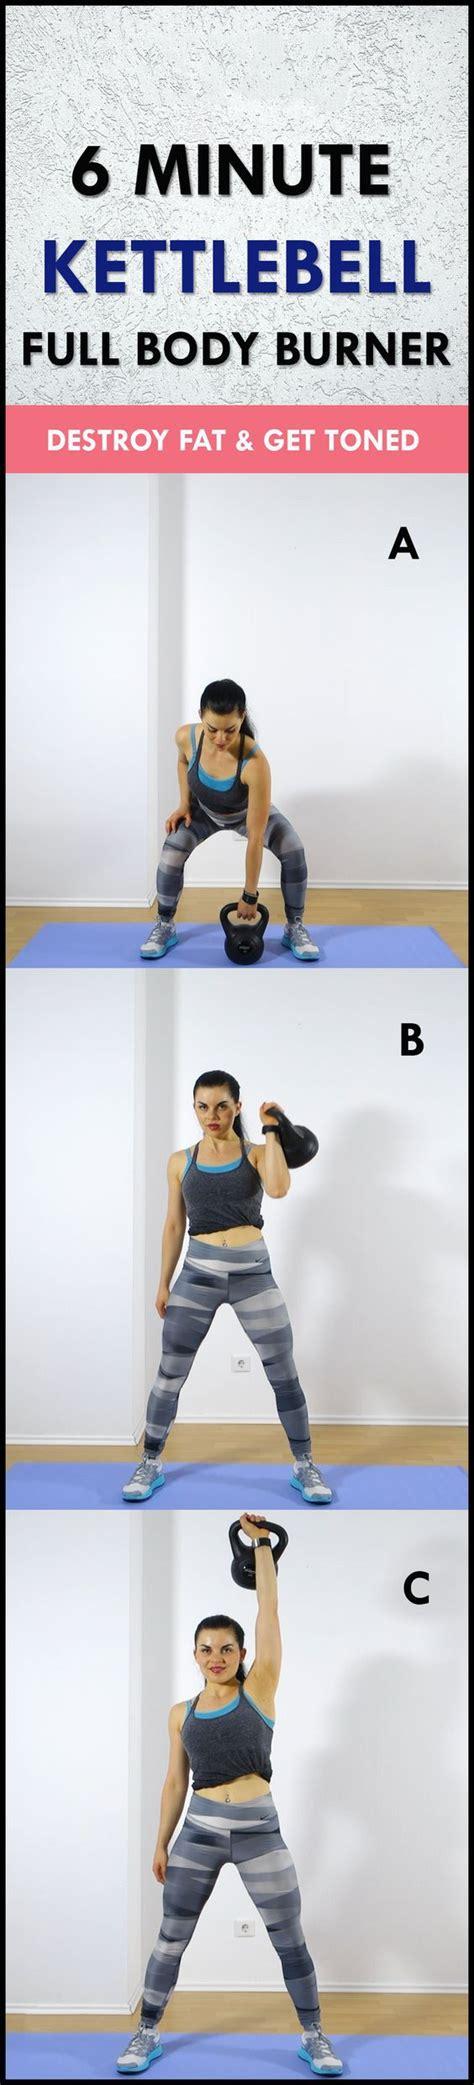 workout kettlebell minute fat